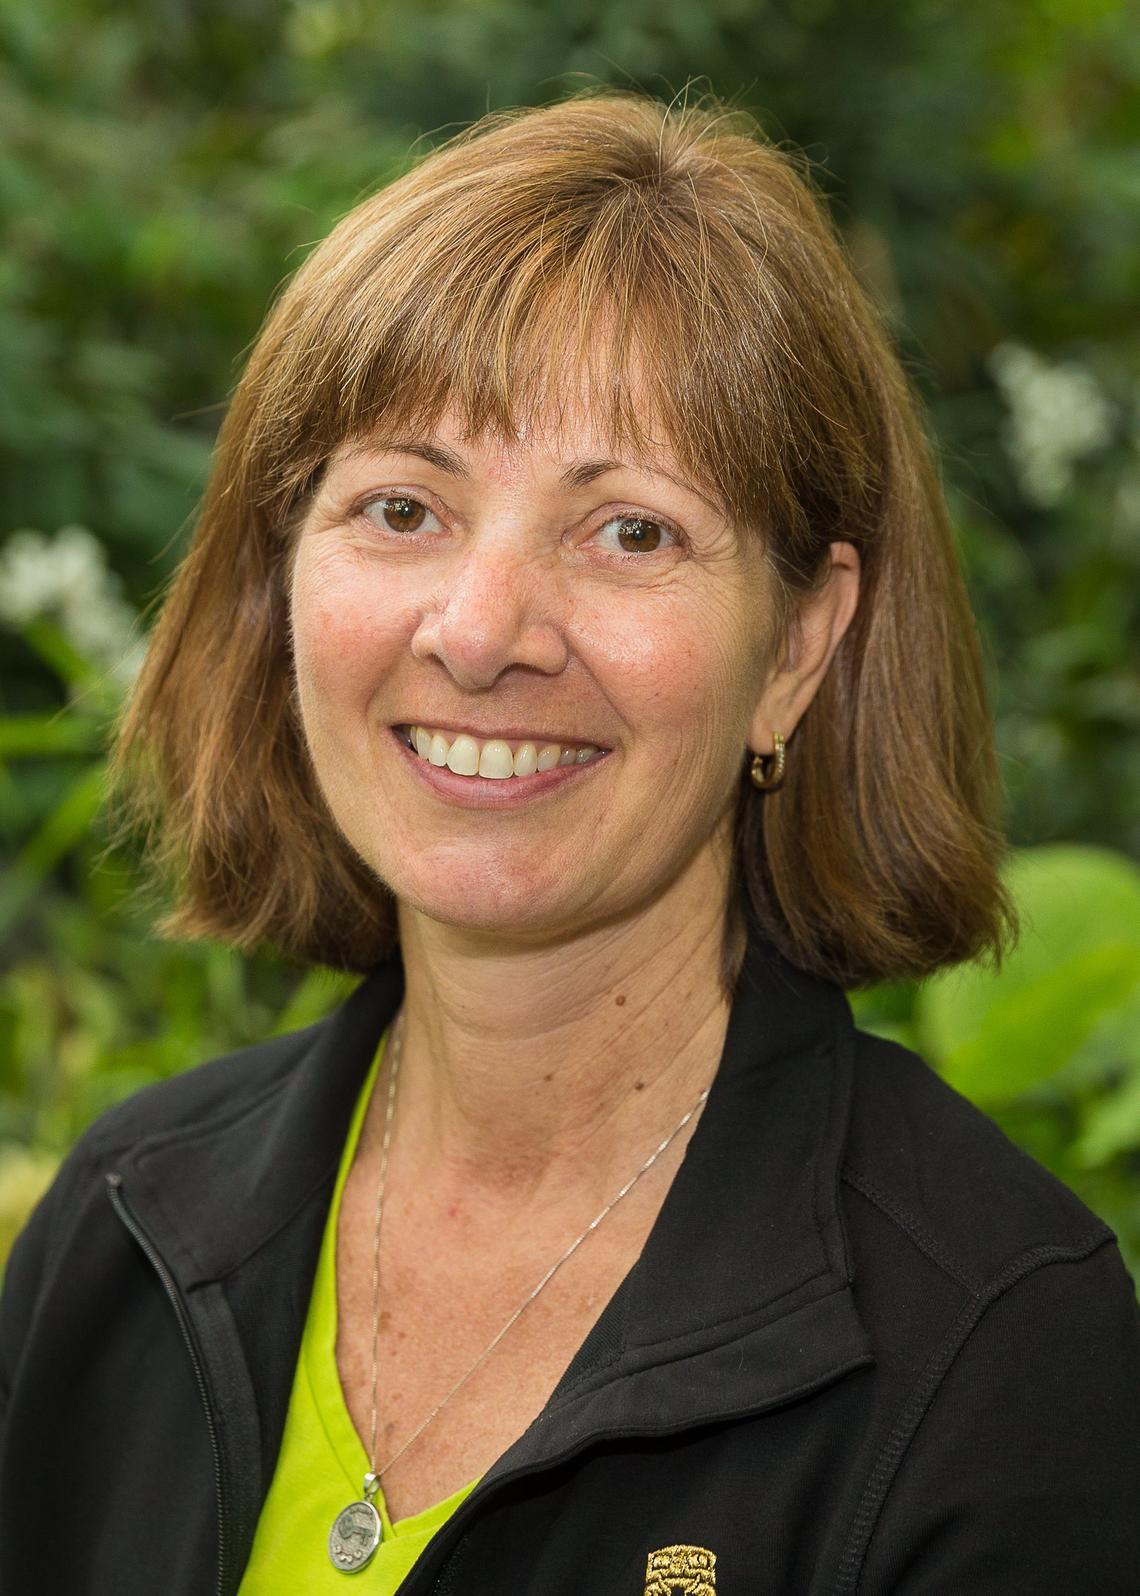 Beth Archer-Kuhn